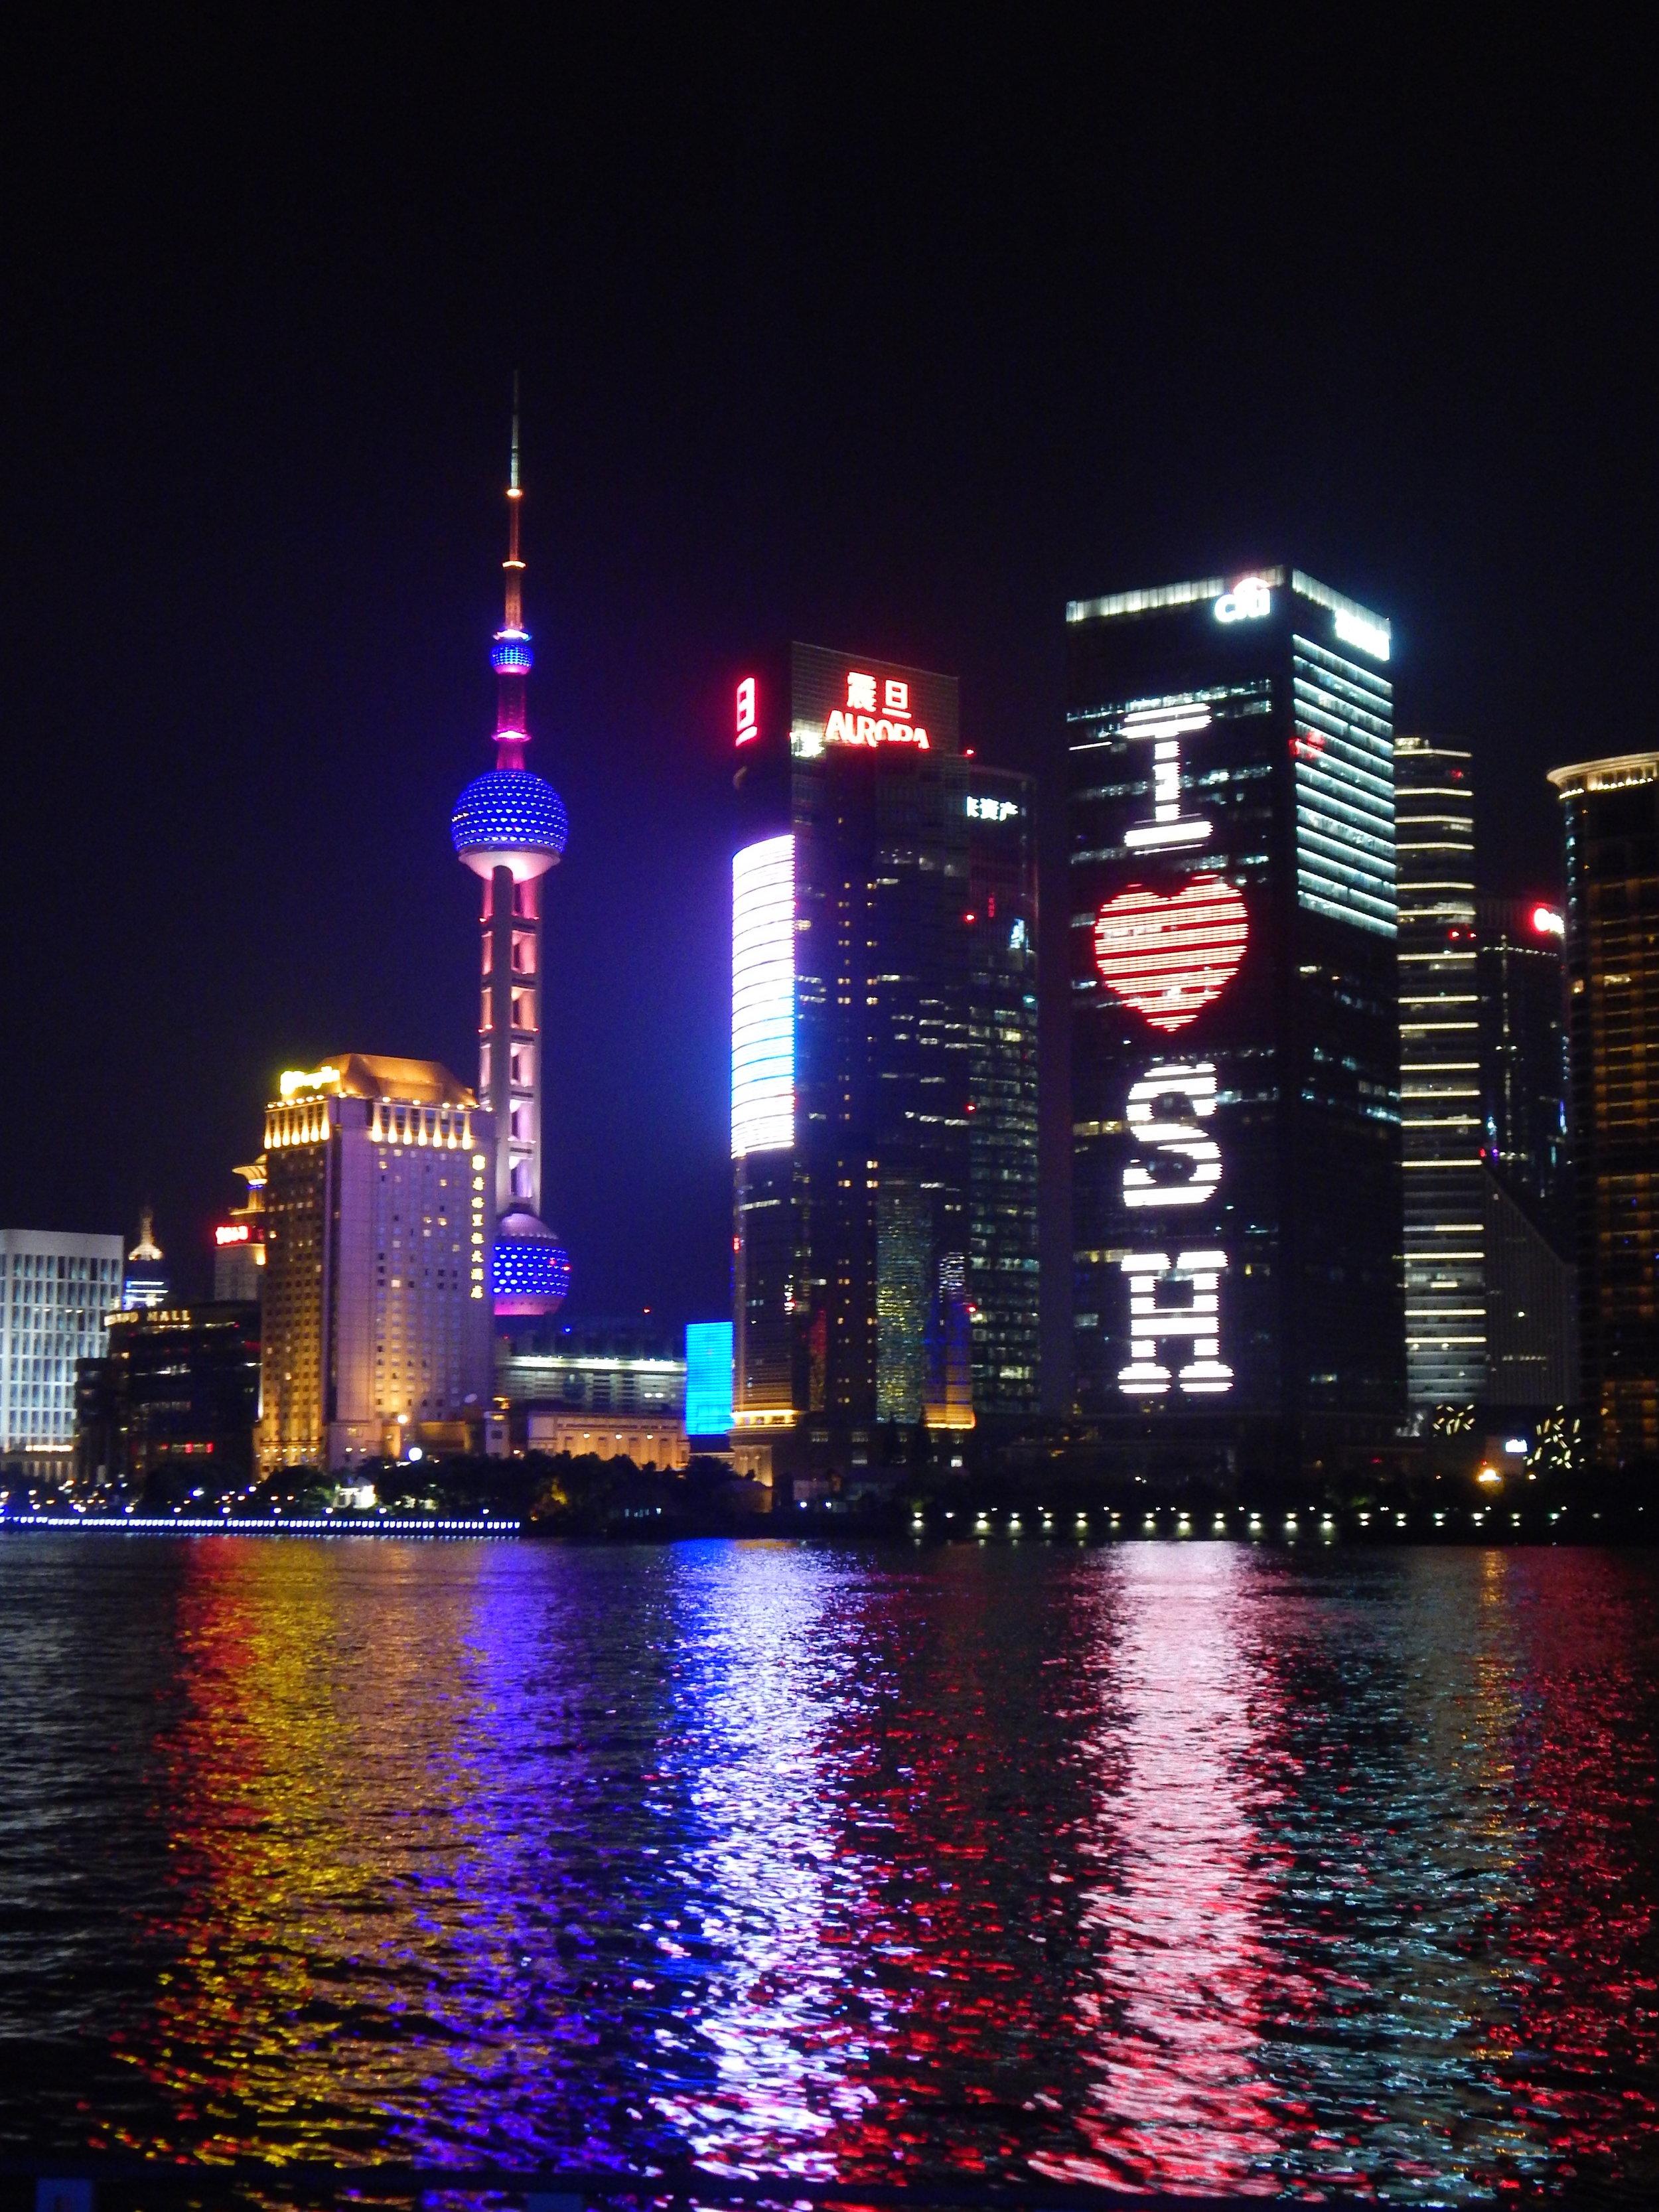 Nighttime Shanghai Skyline—Shanghai, China